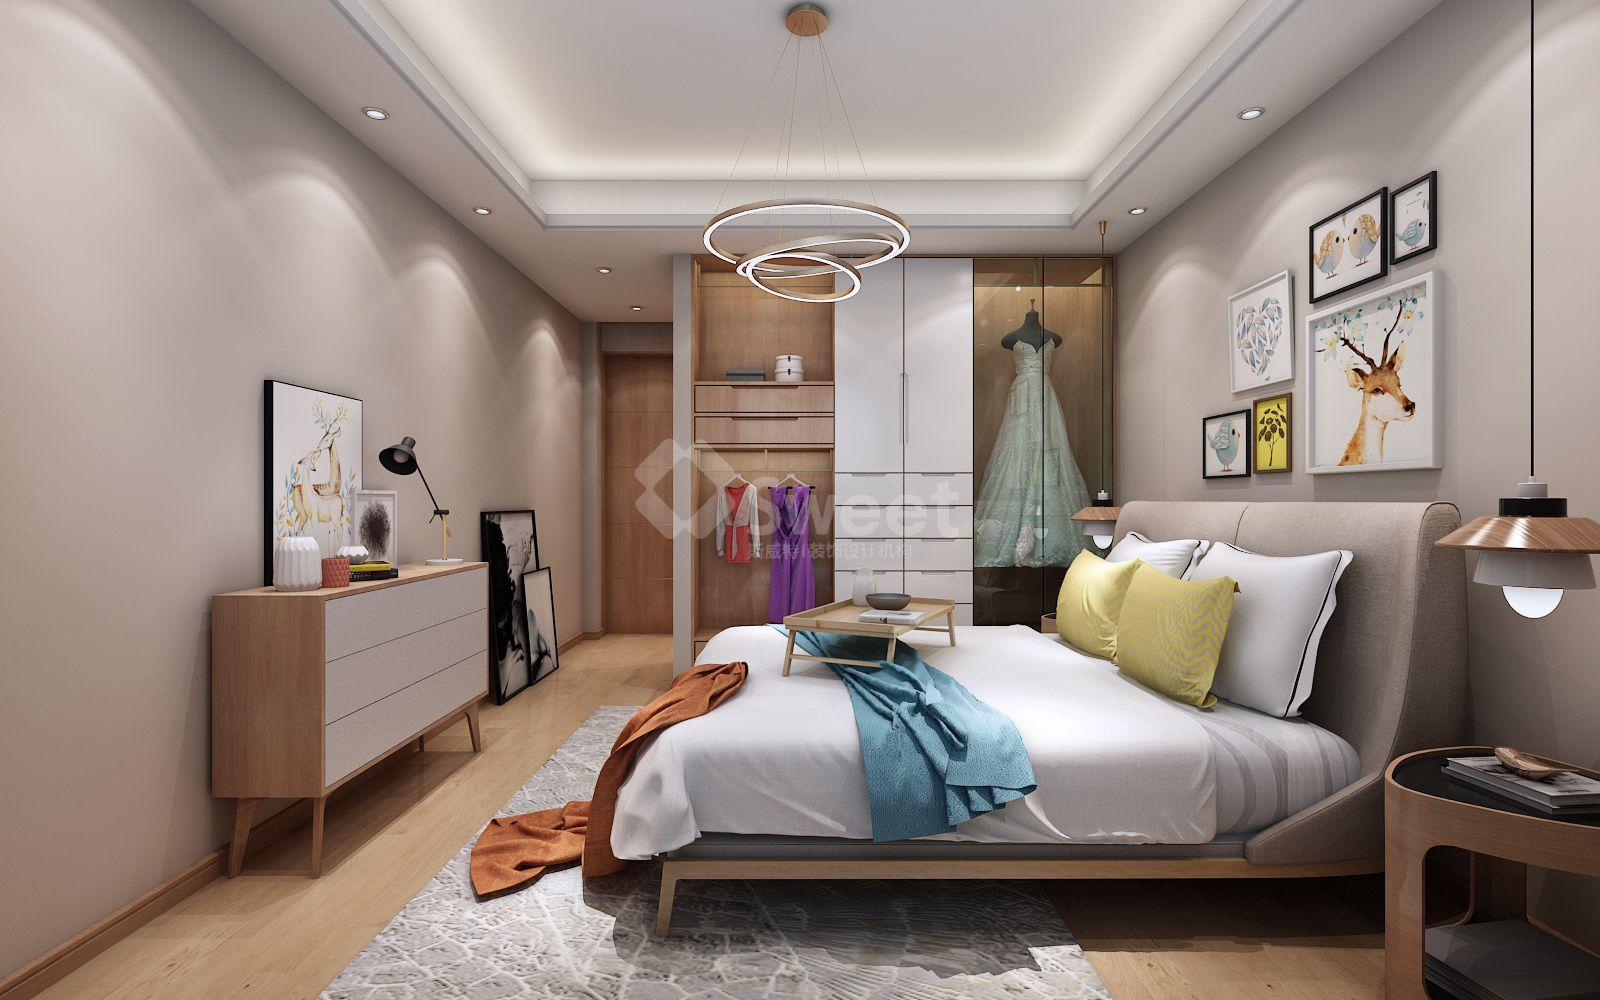 家具主要以木质材料制作,它本身所具有的柔和色彩,细密质感一级天然纹理非常自然地融入到家具设计之中,展现出了一种朴素,清新的原始之美,代表着独特的北欧风格。